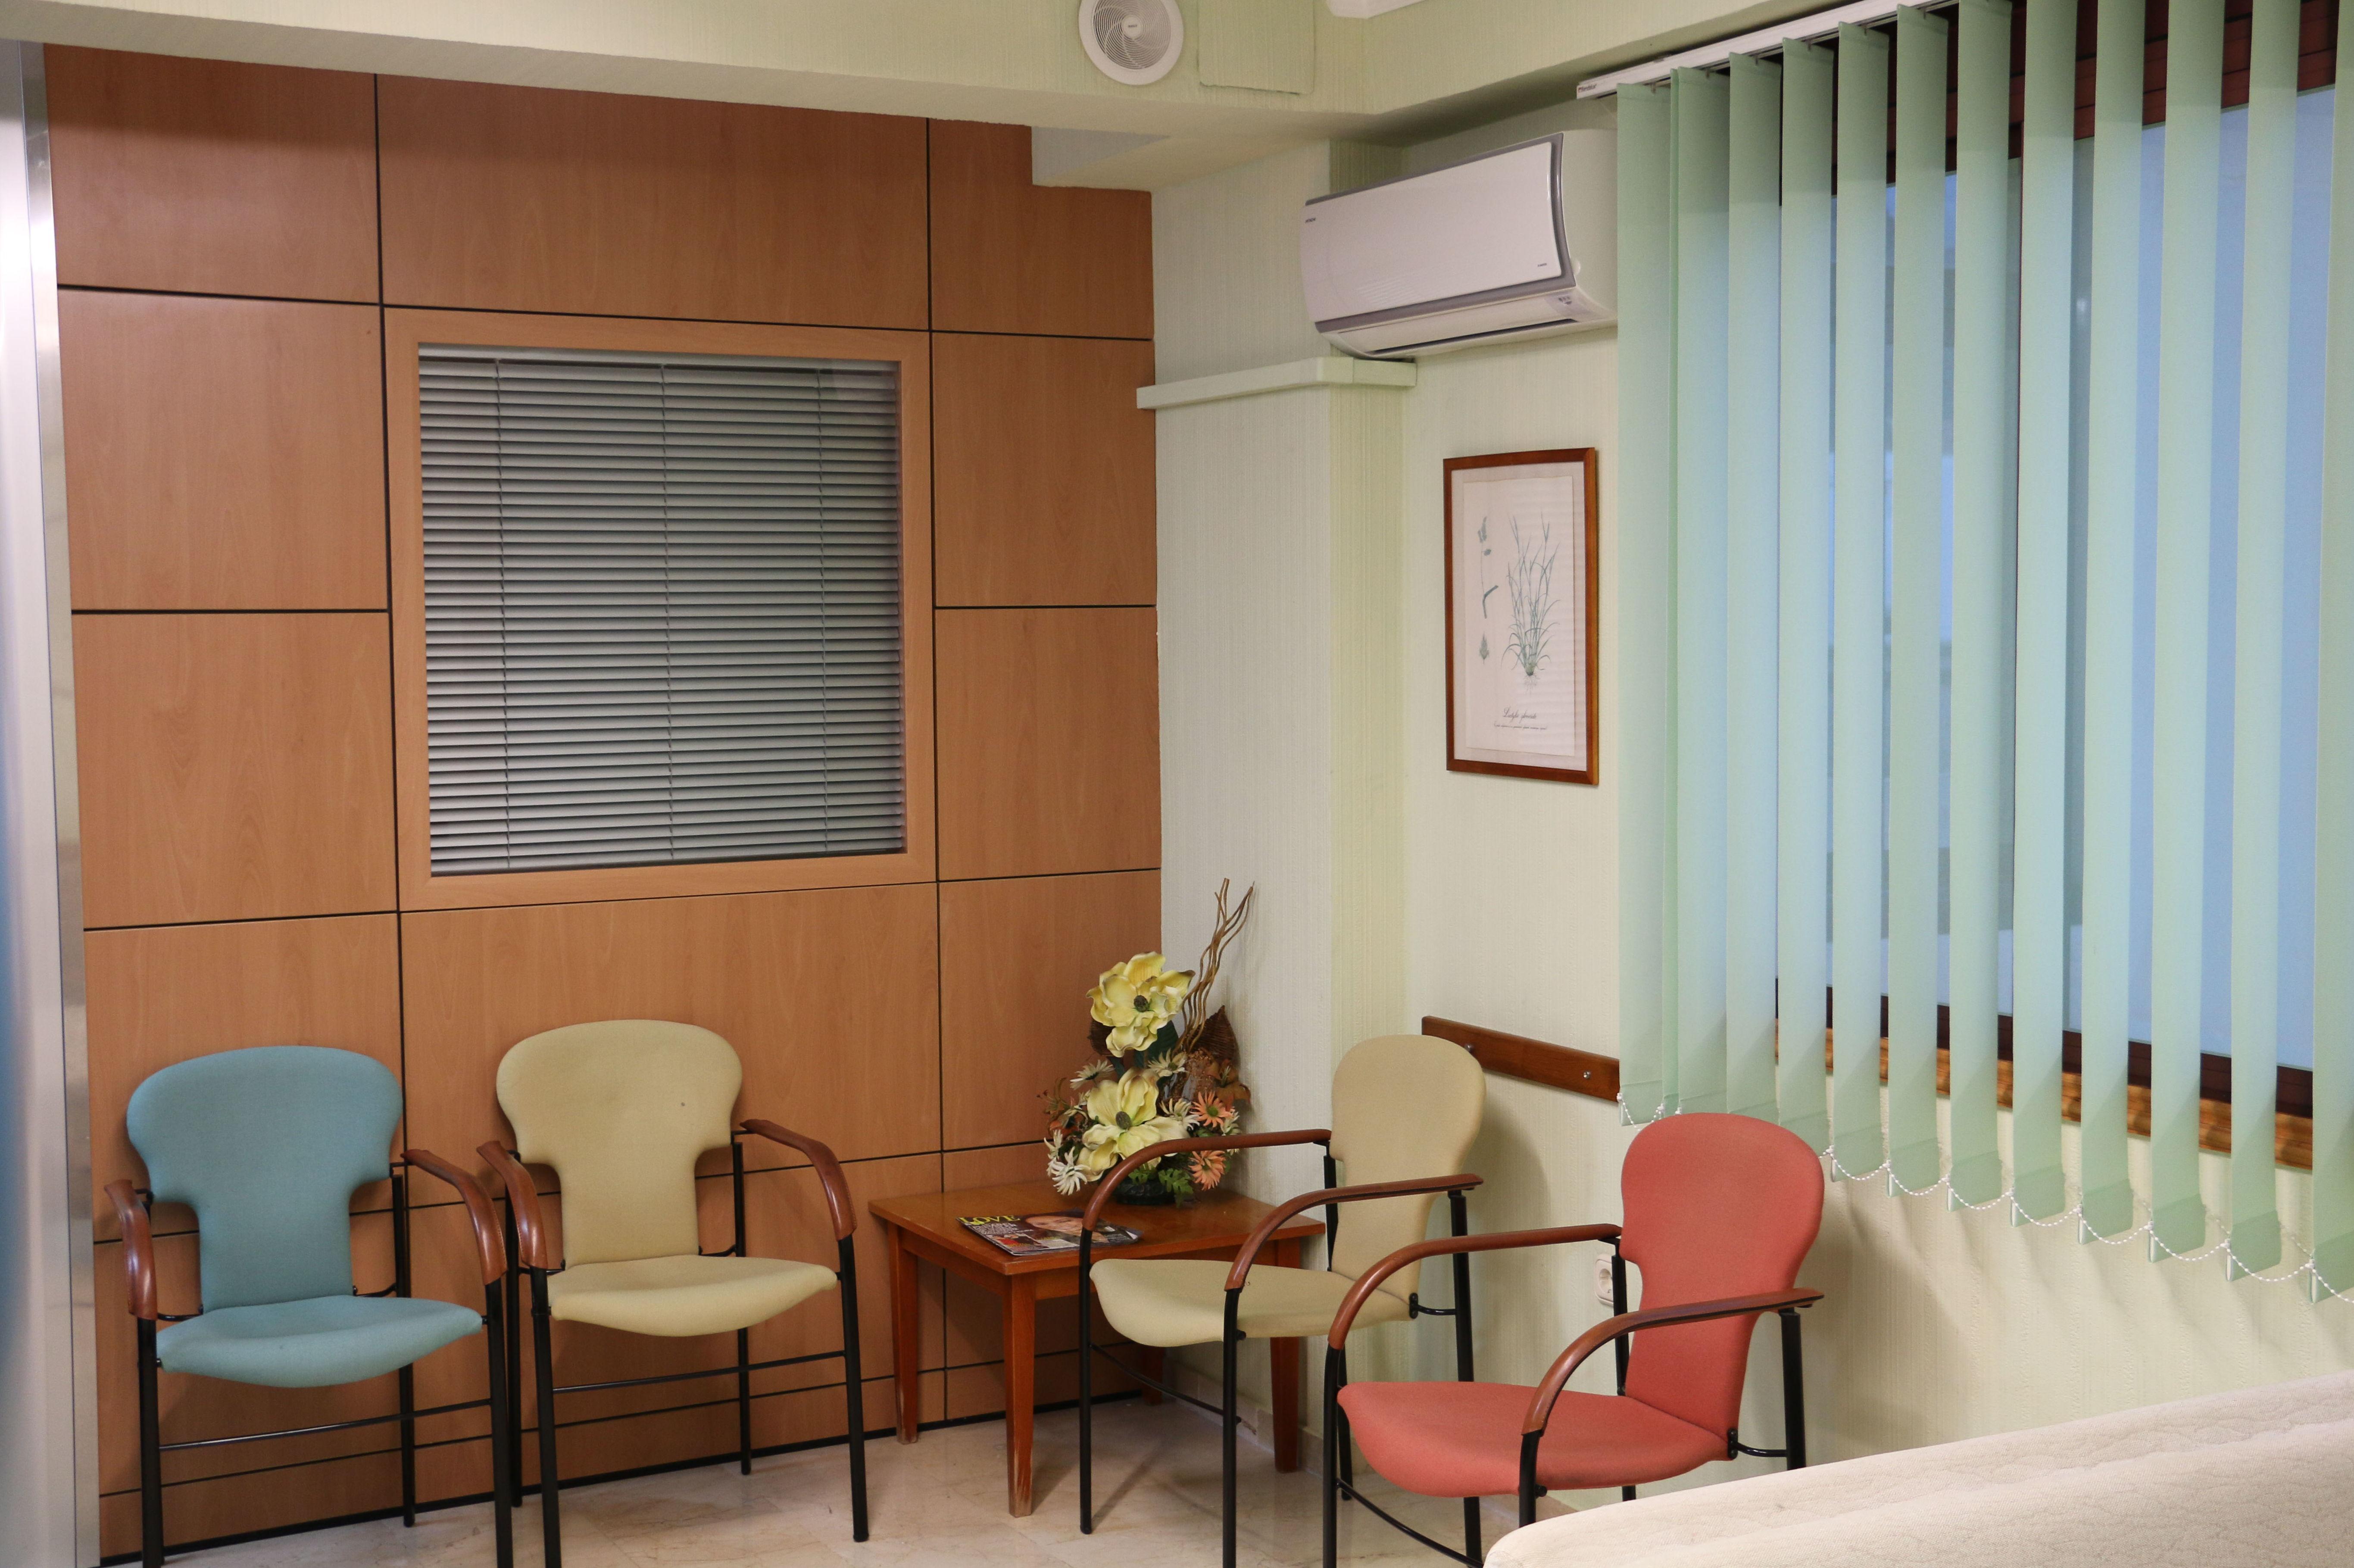 Foto 9 de Especialistas en alergología en Santa Cruz de Tenerife | Dr. García Robaina Alergólogo